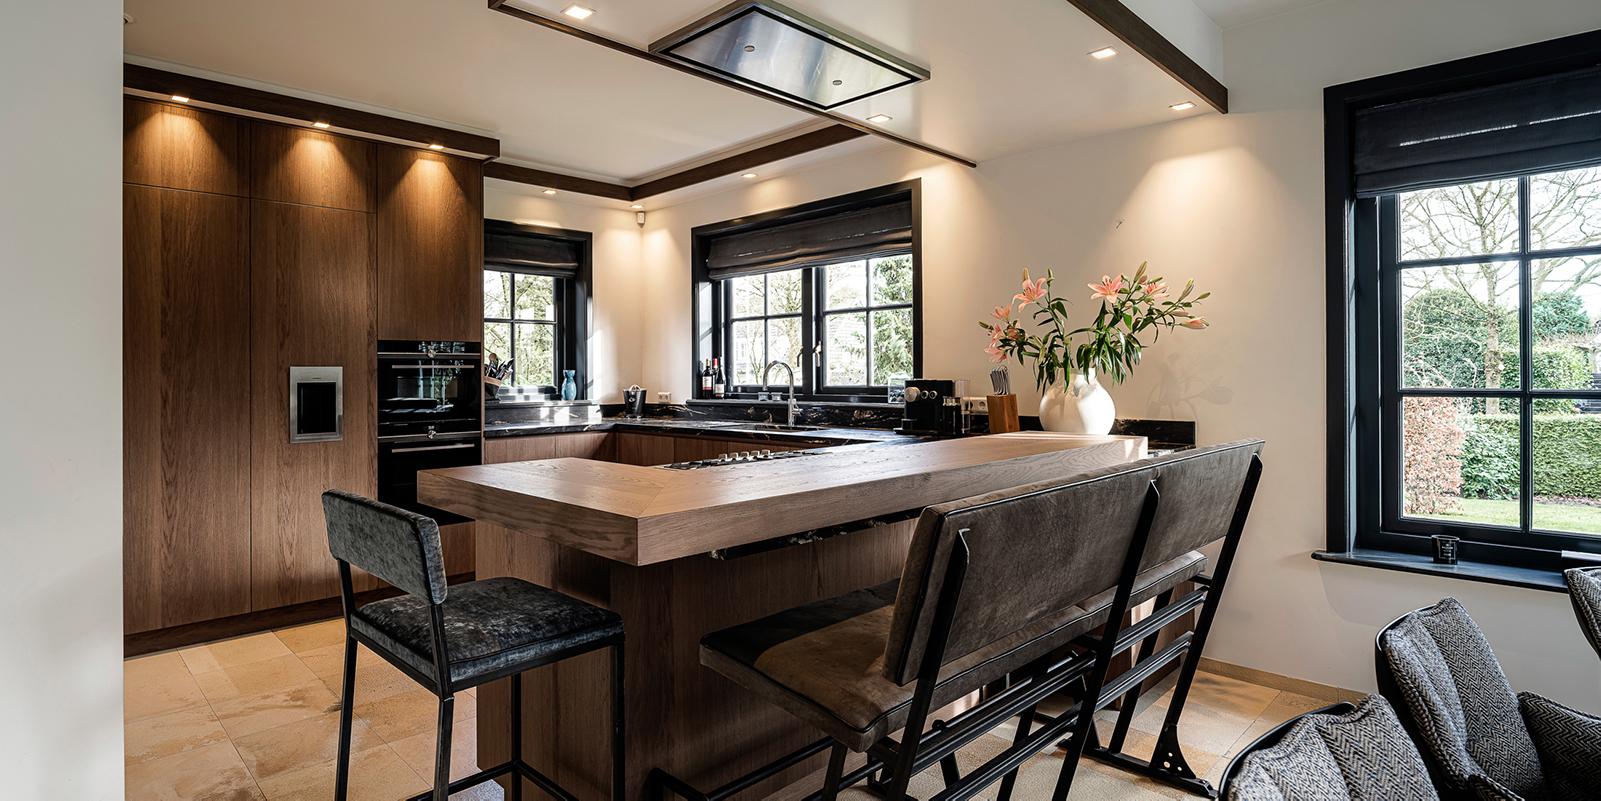 houten keuken , Van Essen keuken, the art of livings